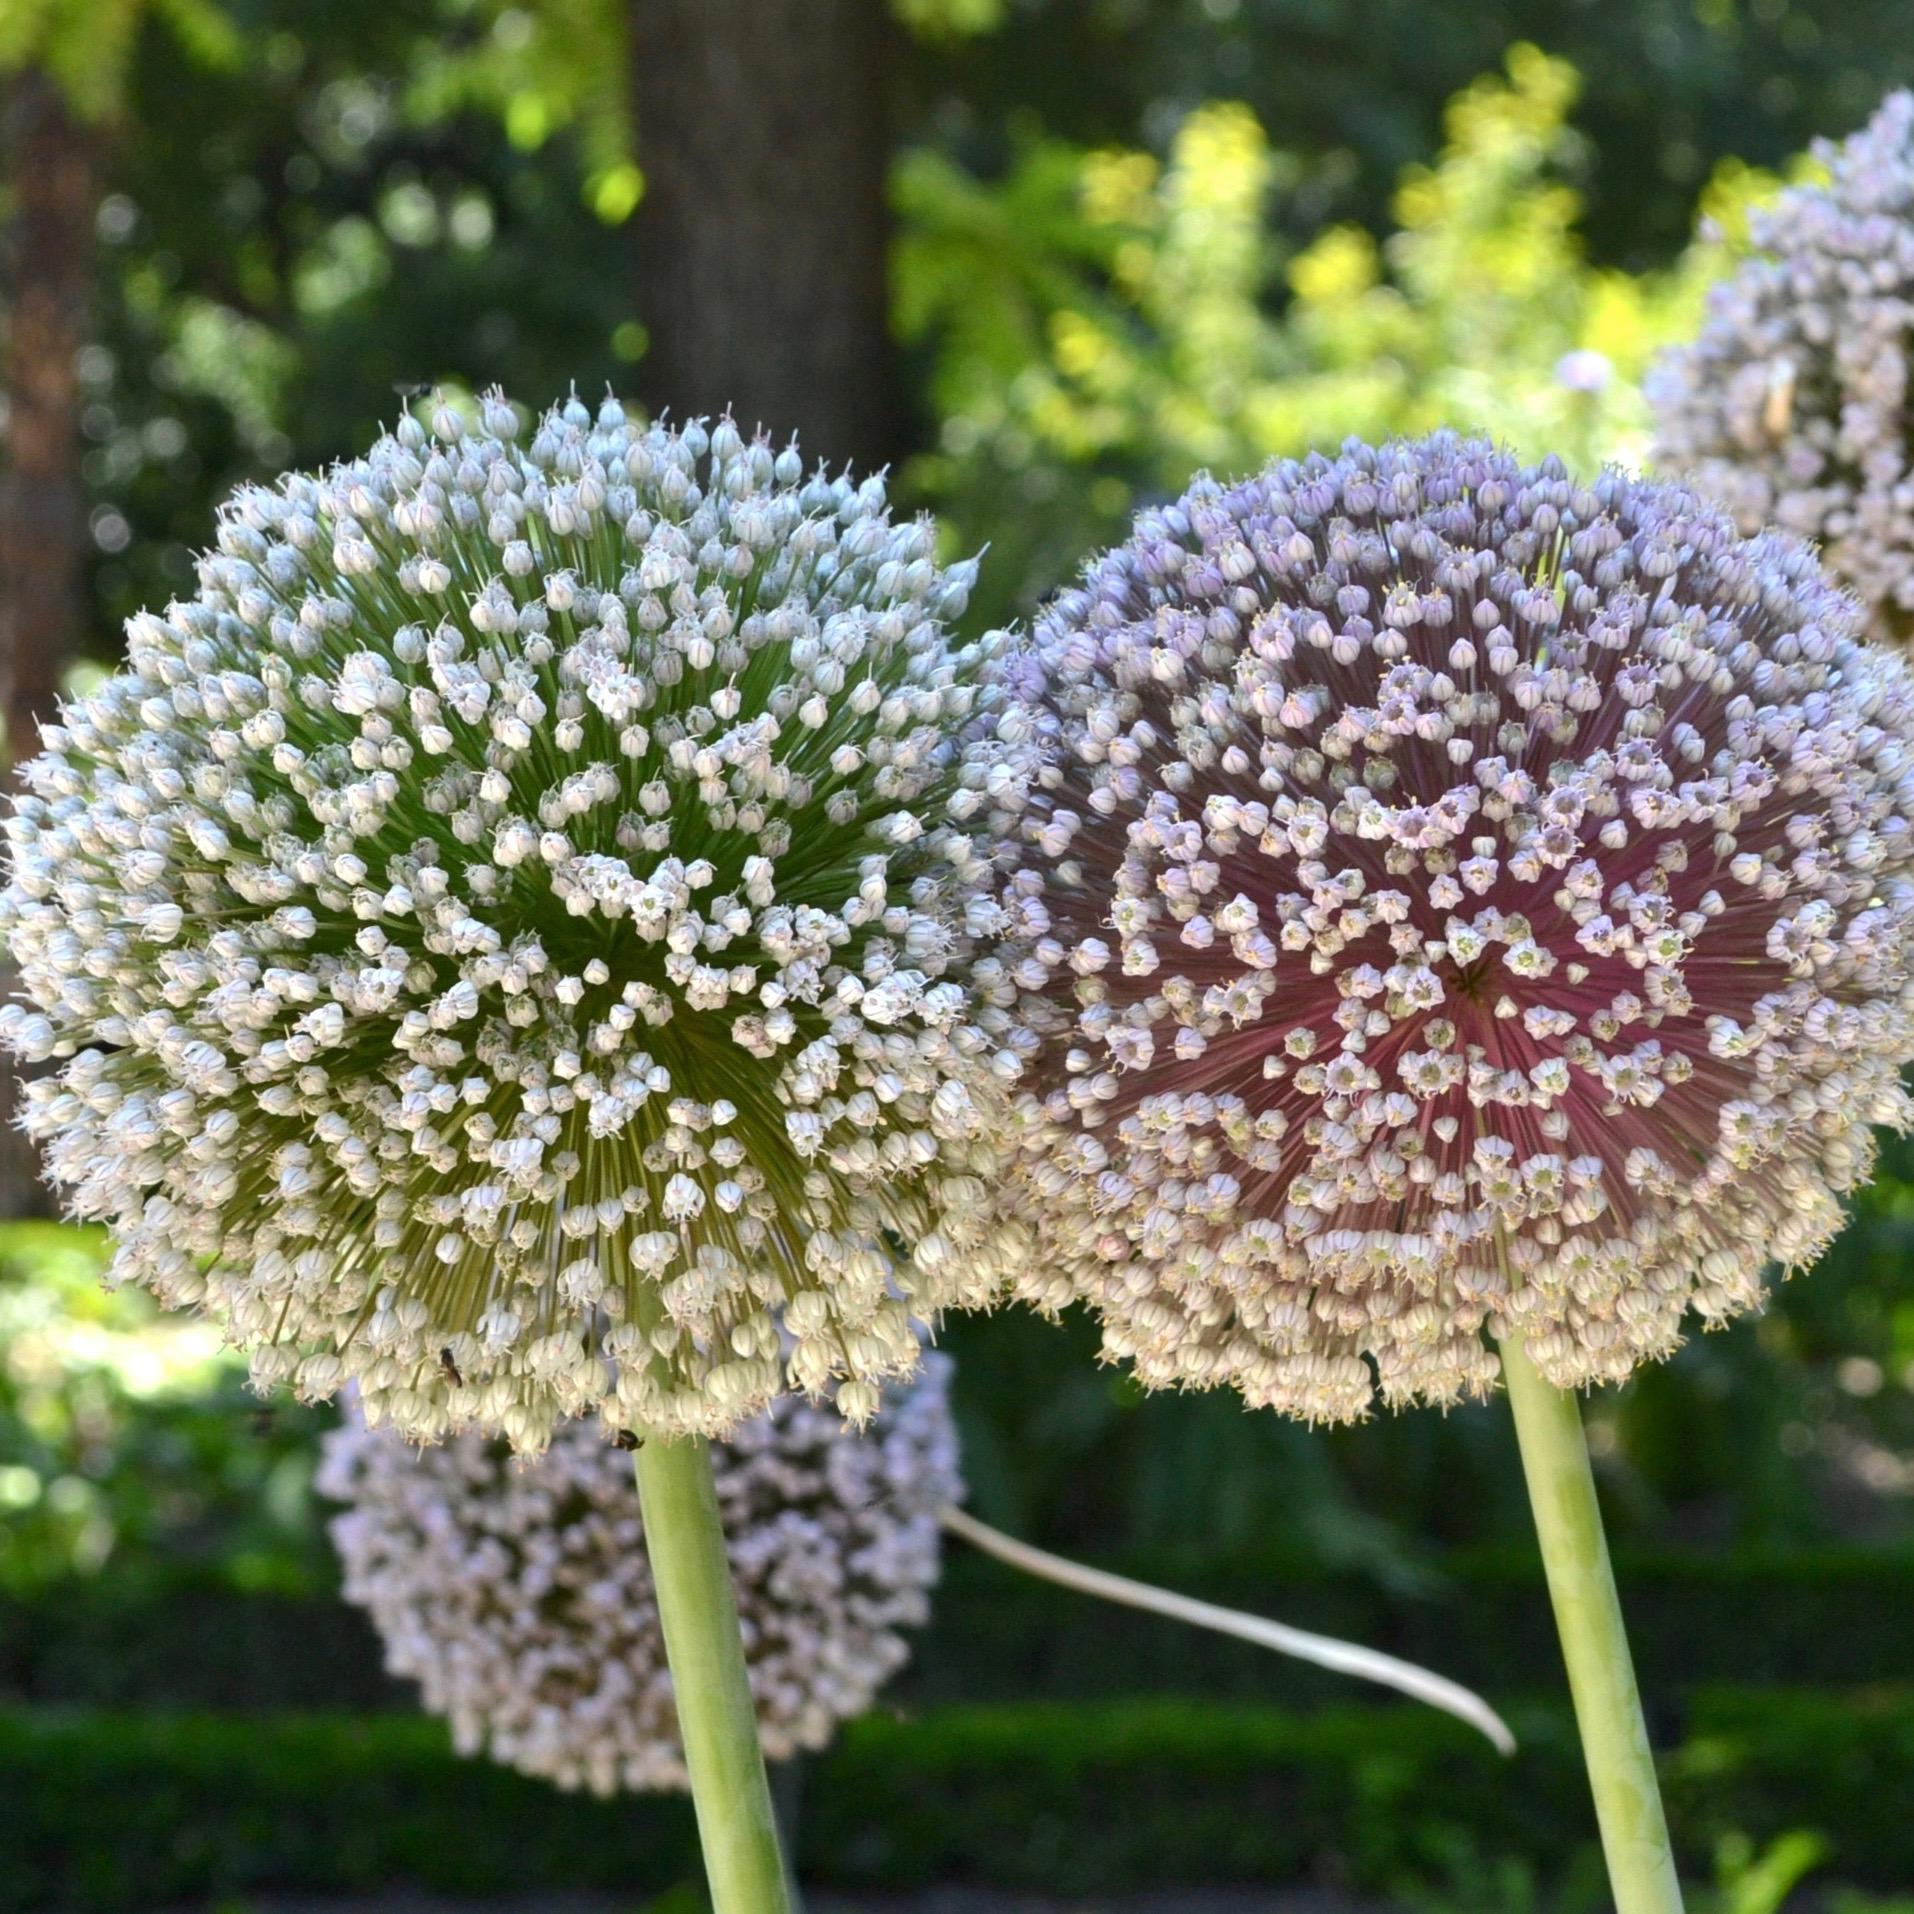 flor de puerro ecologico